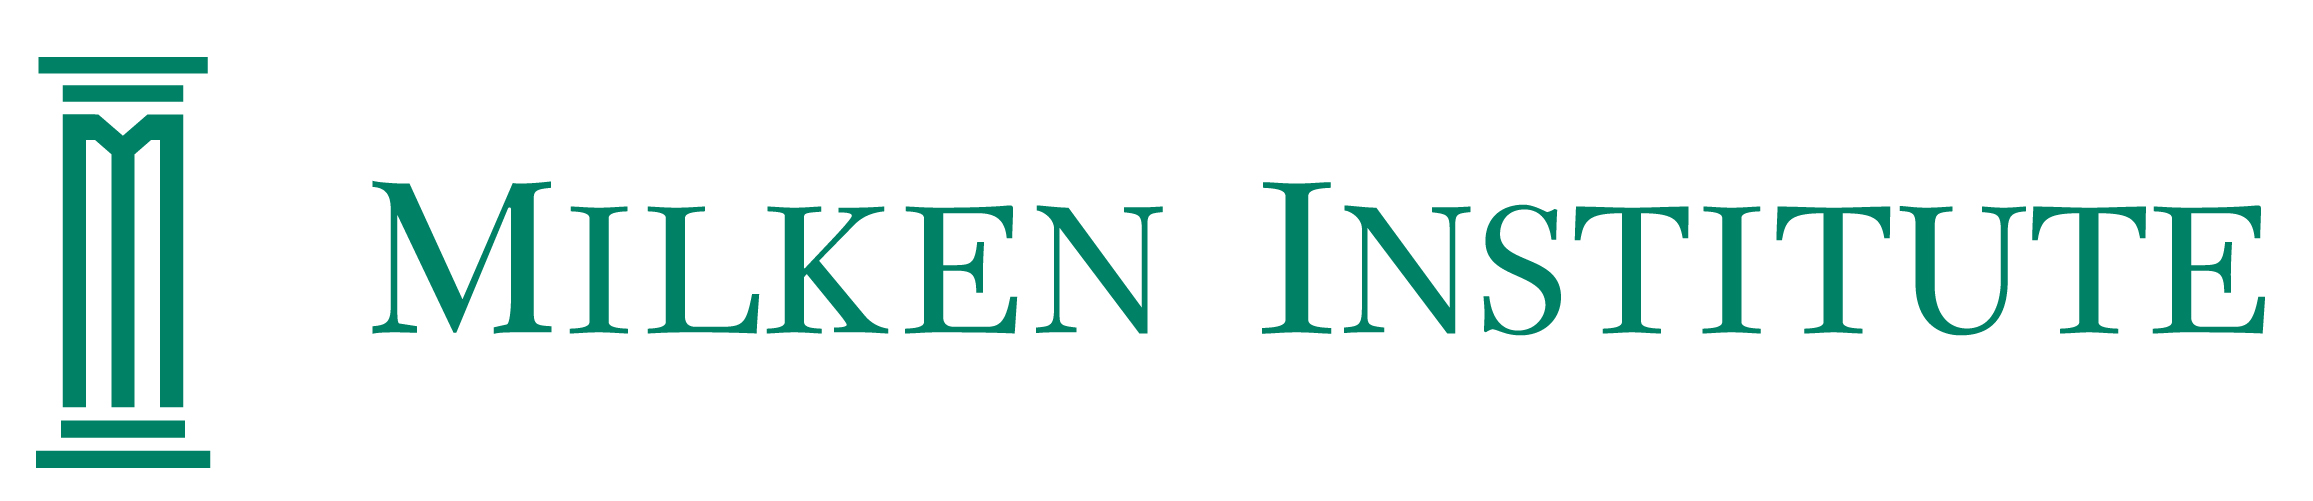 Milken Institute